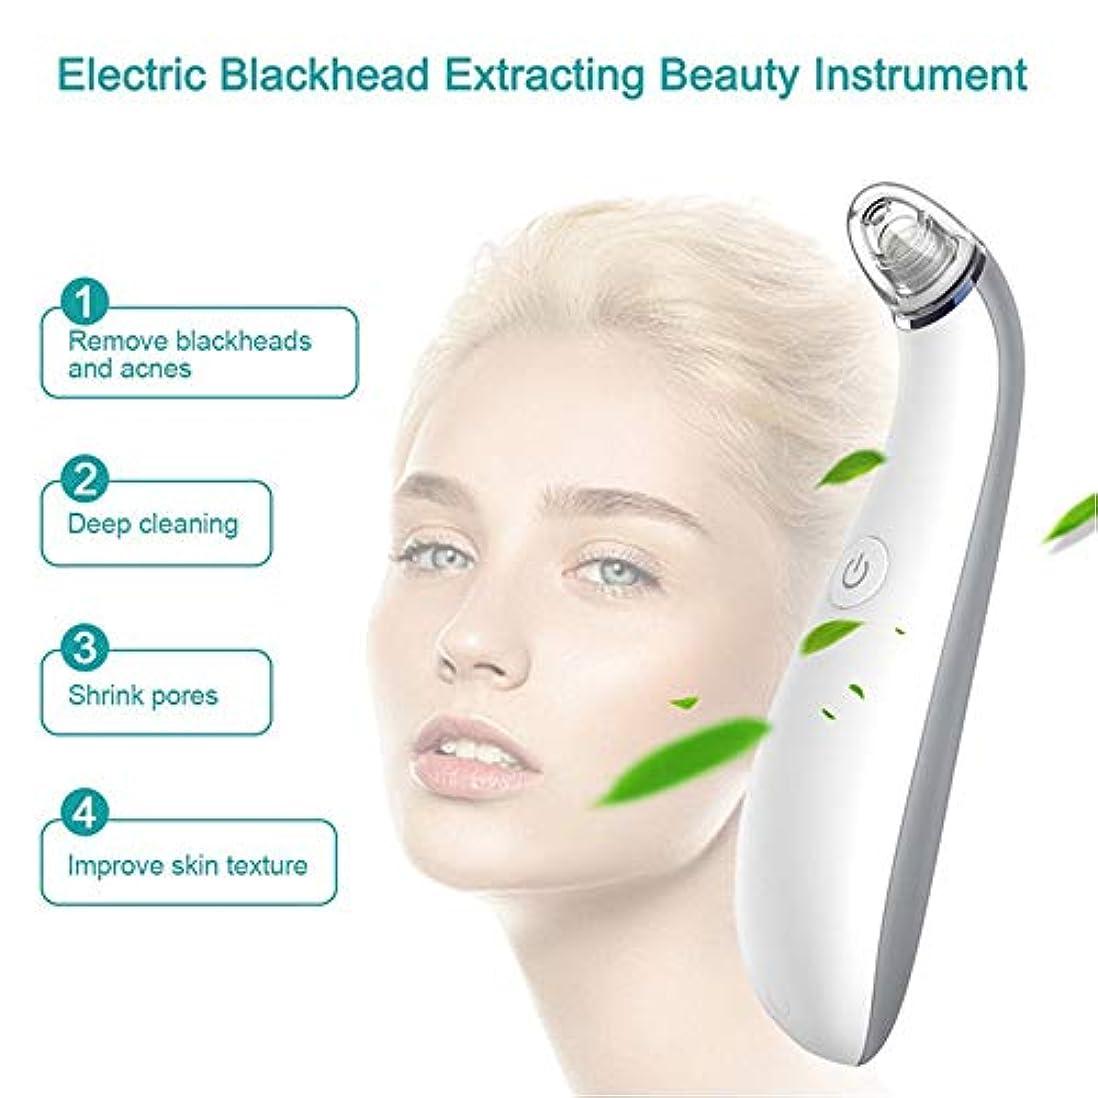 毒液スマートフルーツ野菜気孔の真空の深くきれいな、皮膚健康のための電気顔の安定した吸引のスキンケア用具4取り替え可能な吸引の頭部USB再充電可能